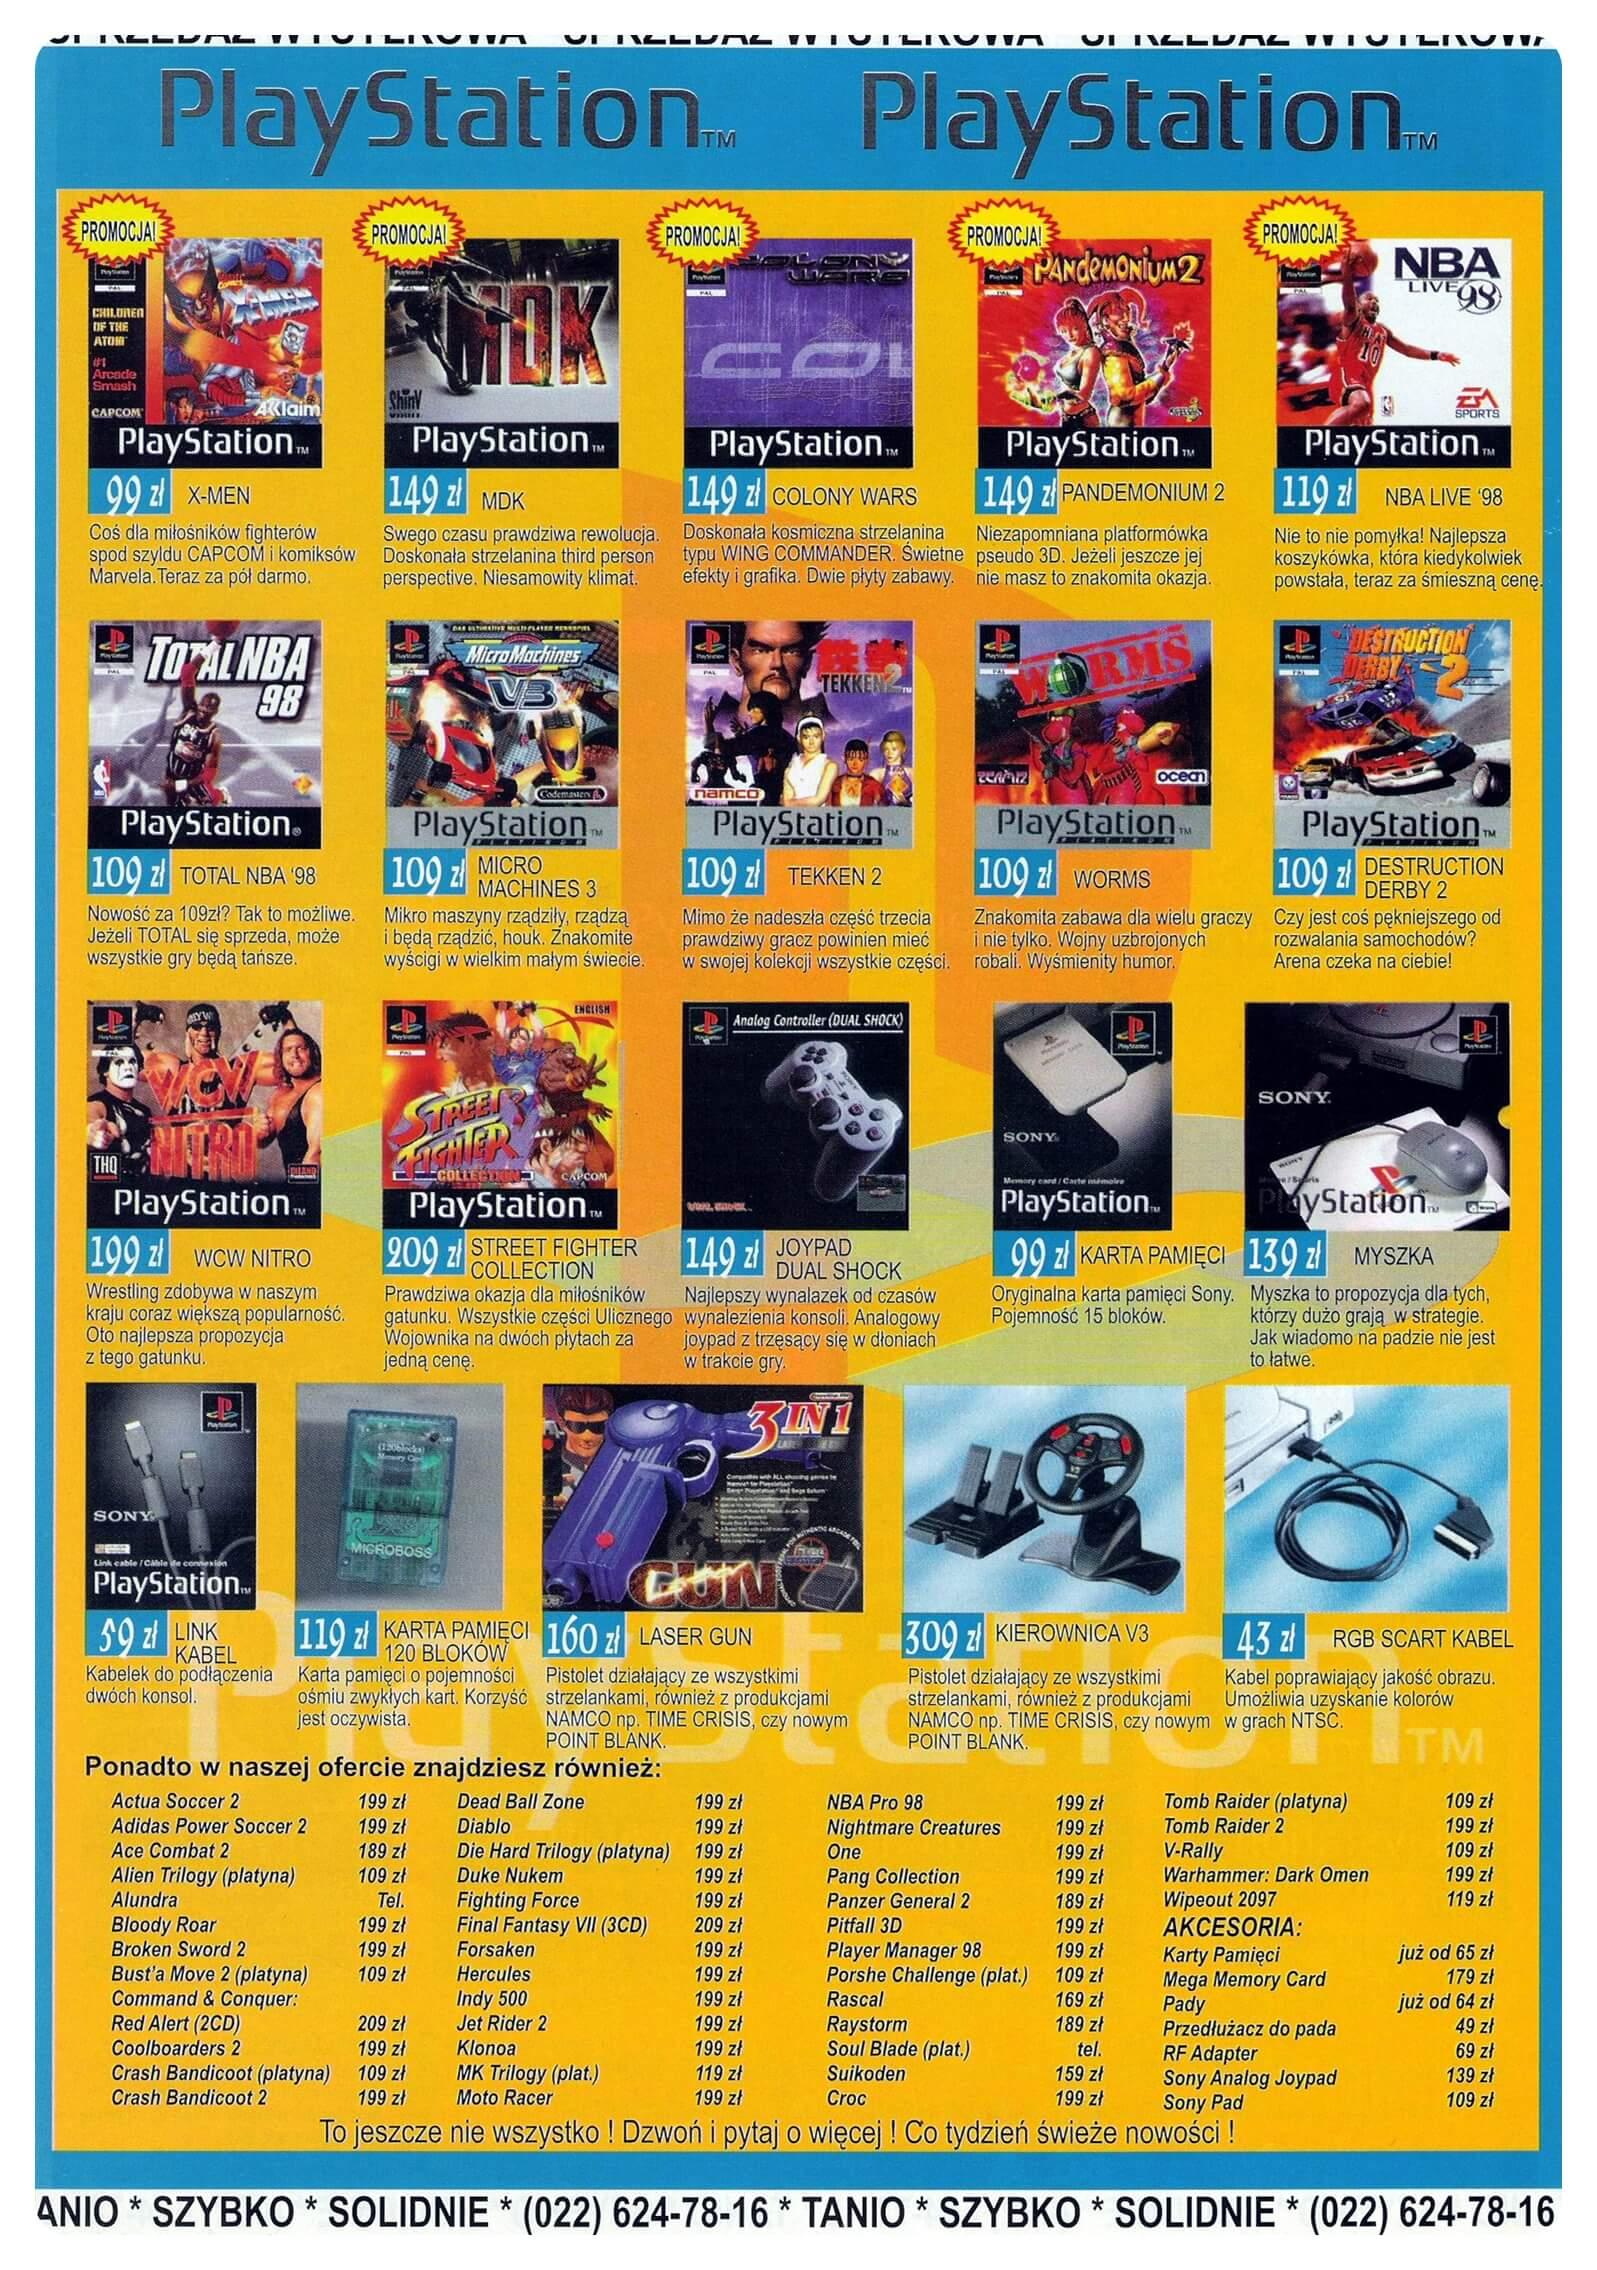 Neo Plus nr 003 199840q4 - Jak wyglądały ceny różnych konsol w Polsce w latach 1996-2006?